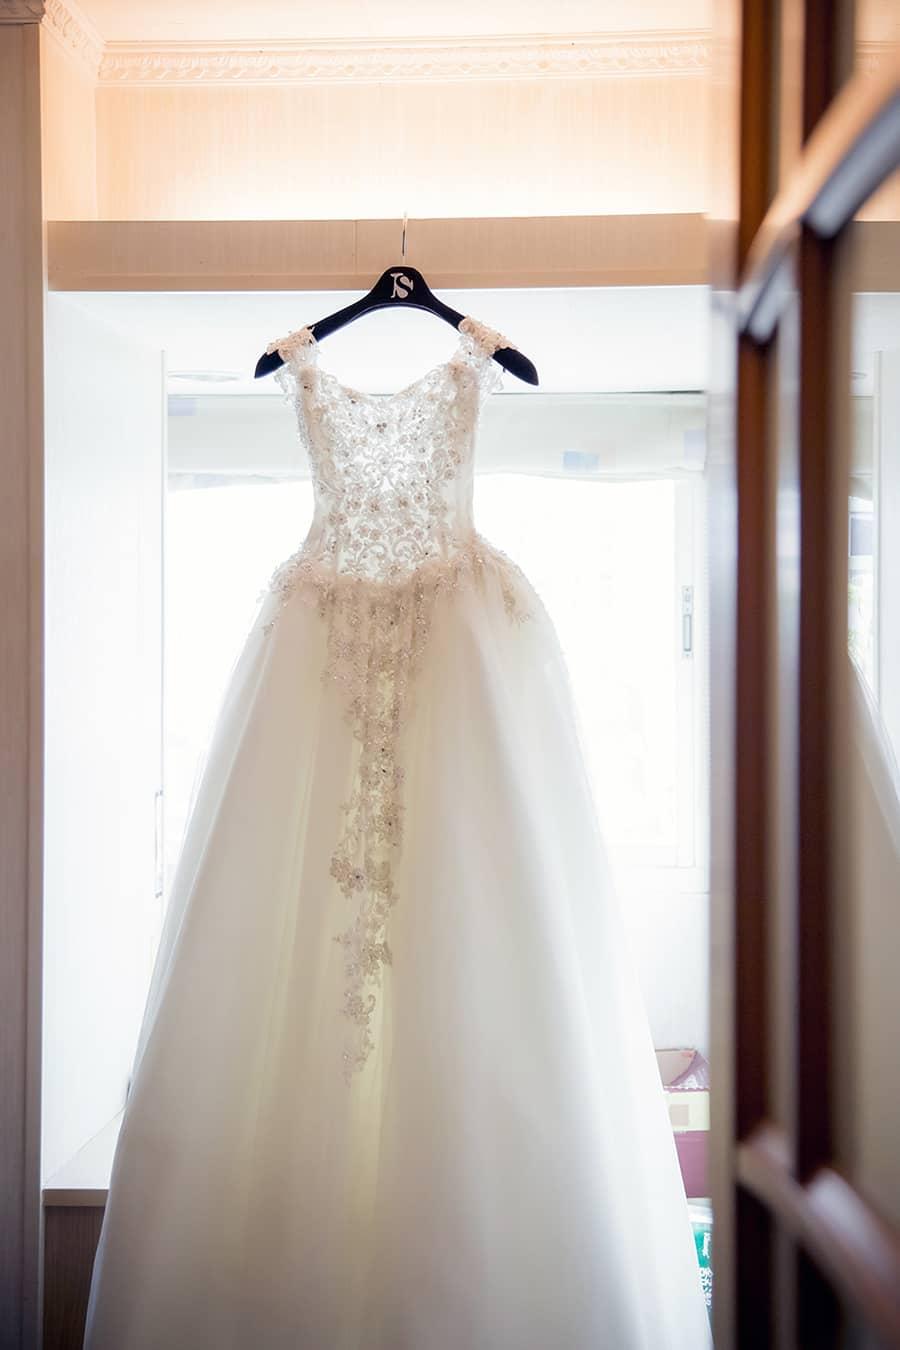 長榮桂冠婚攝,婚禮攝影,宜蘭婚攝,推薦婚攝,長榮桂冠